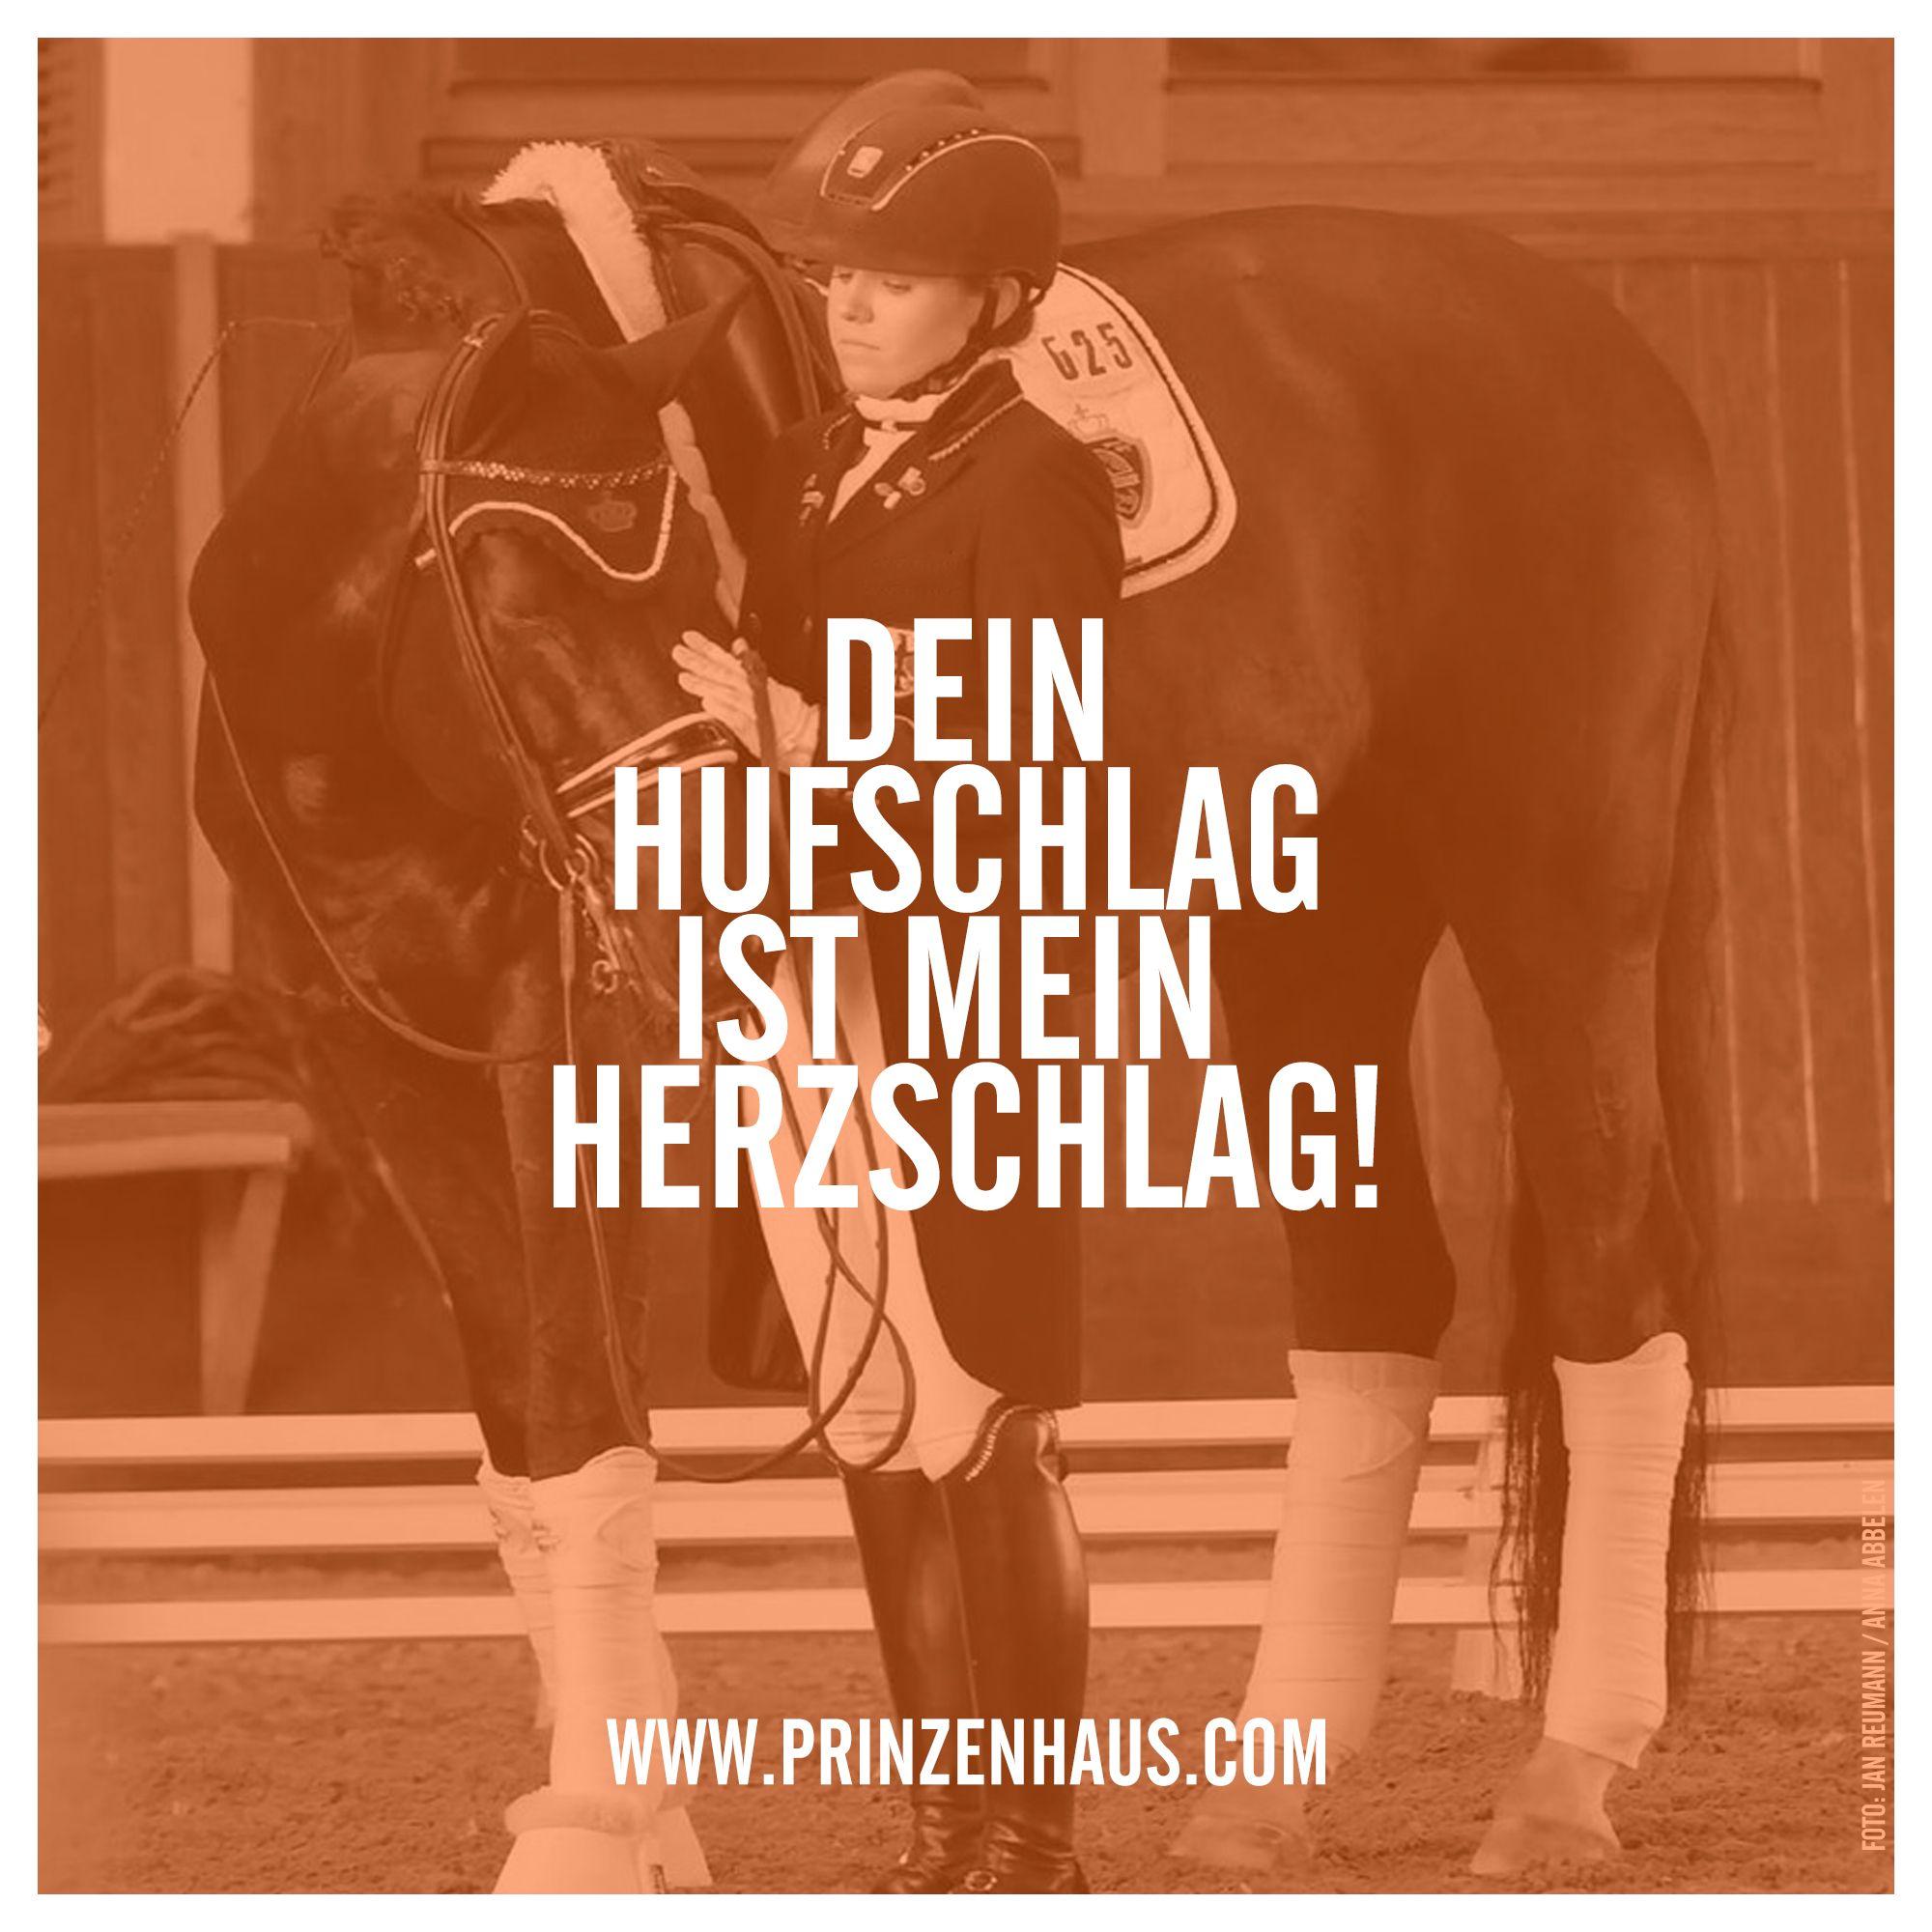 Www.prinzenhaus.com DEIN HUFSCHLAG IST MEIN HERZSCHLAG.